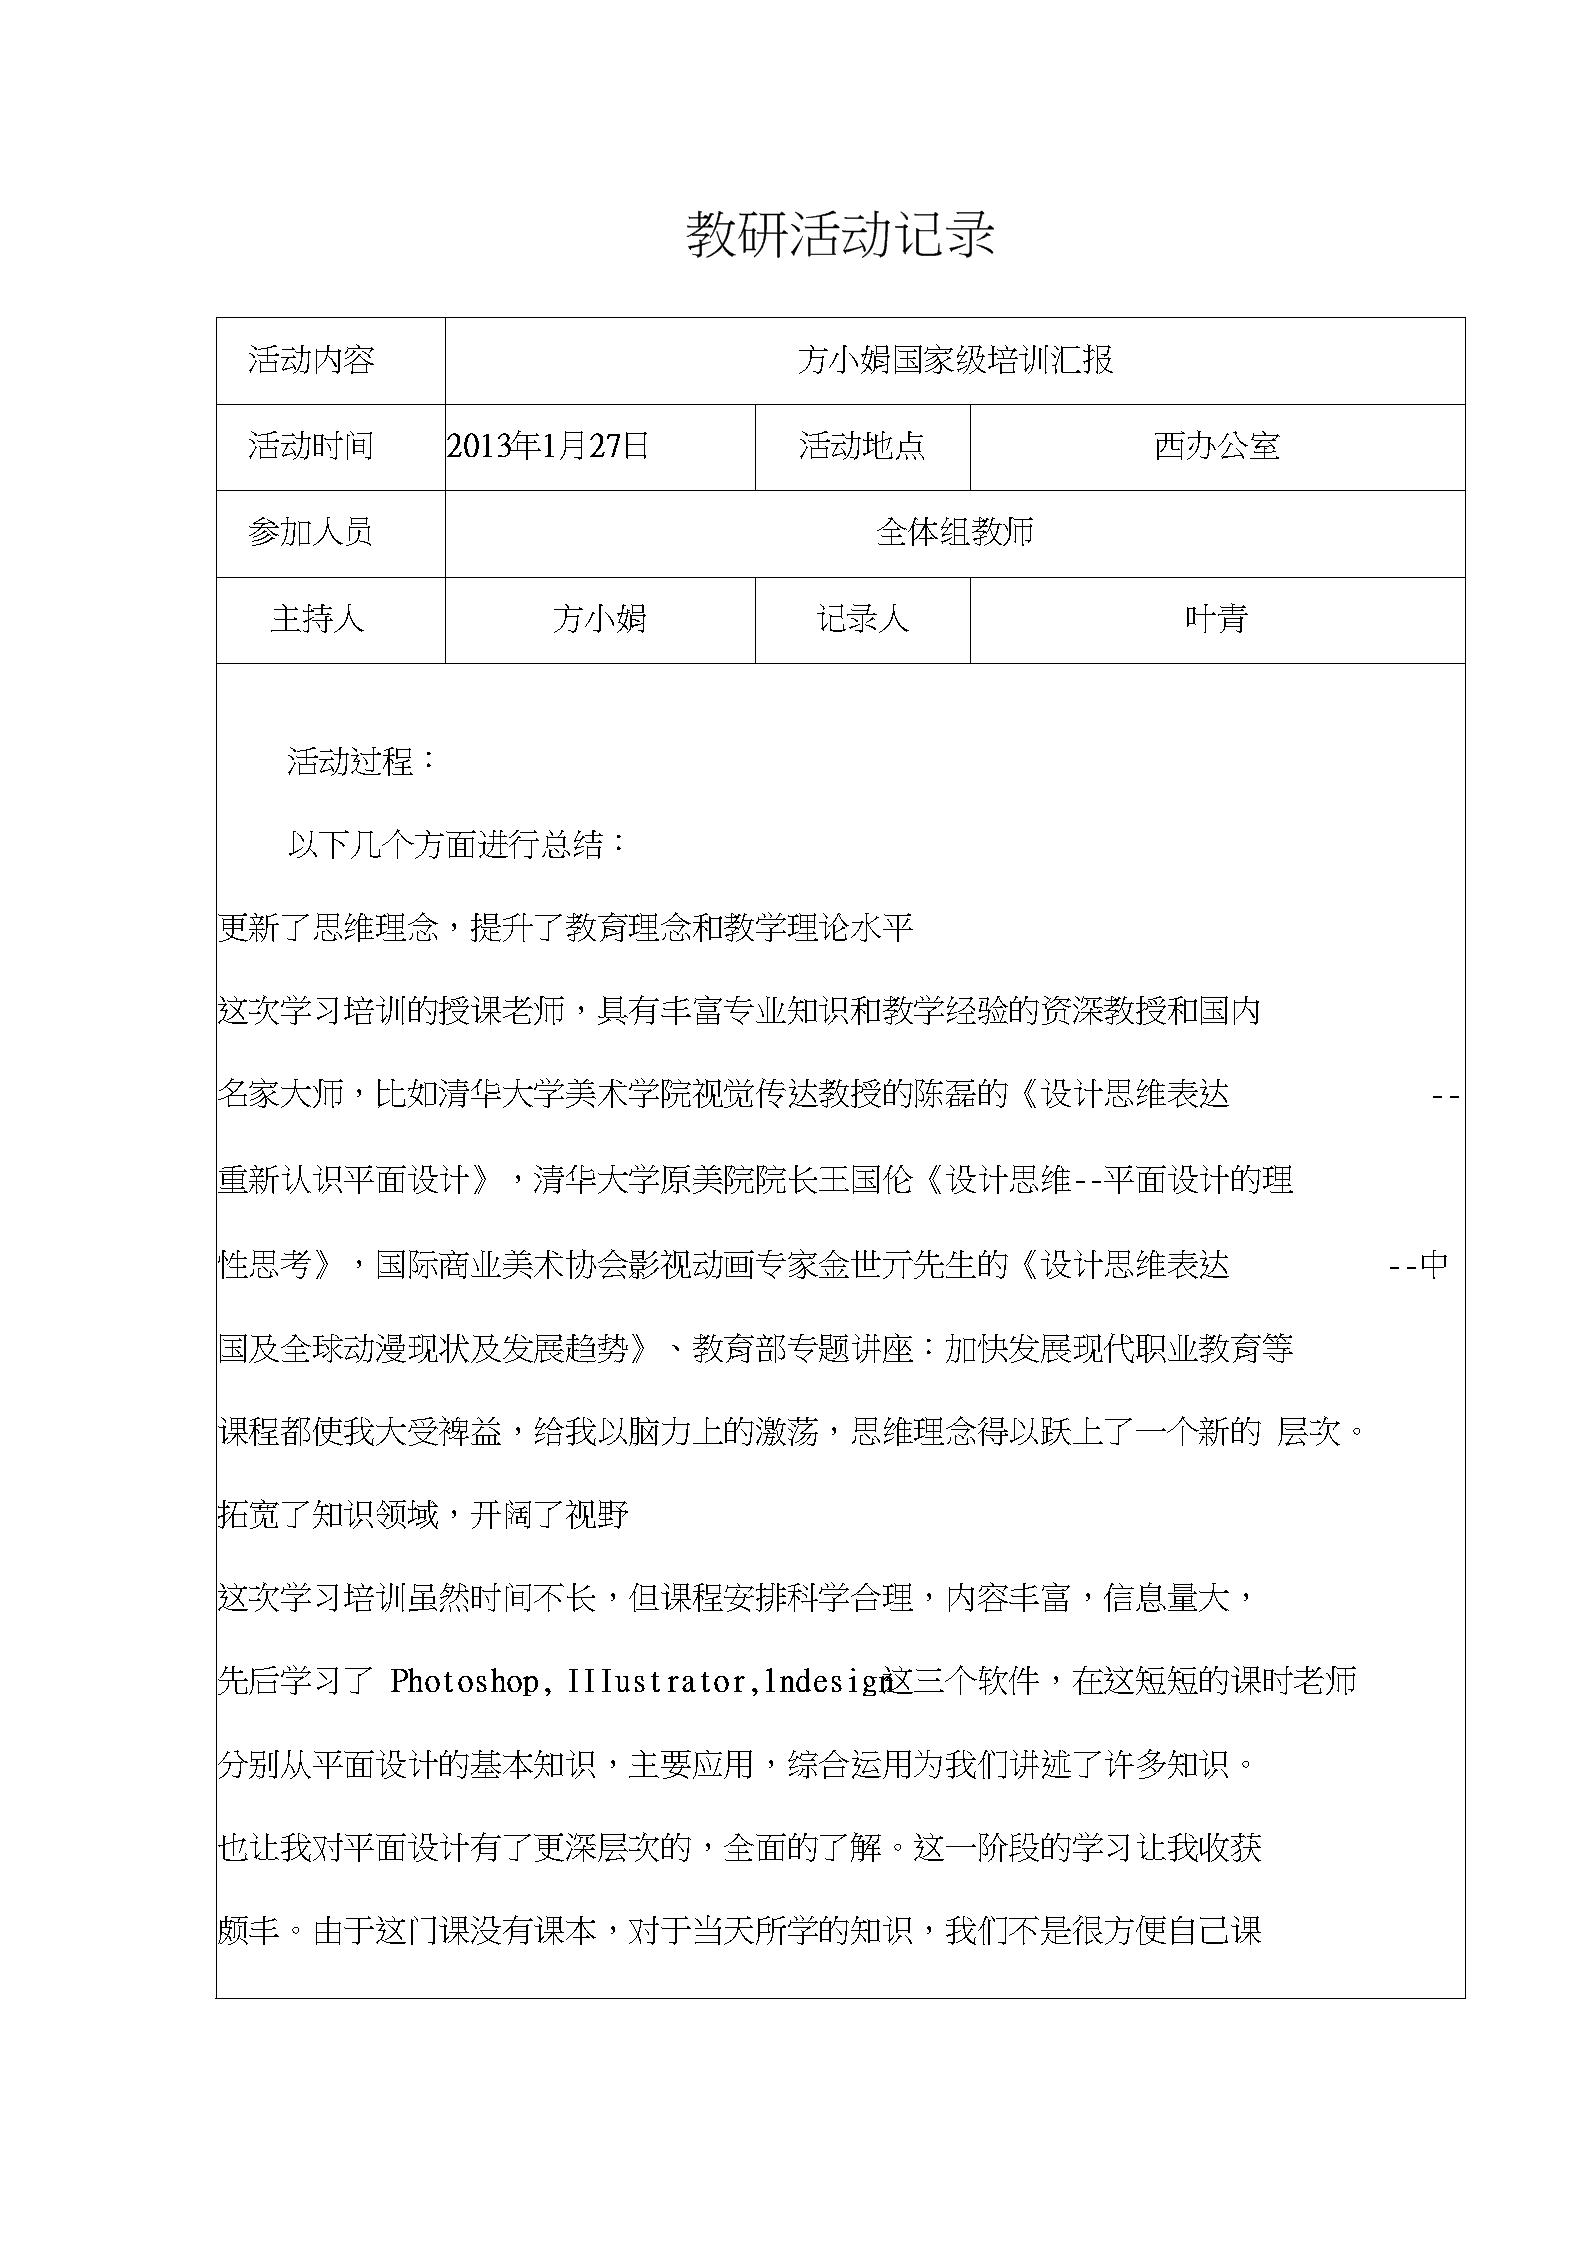 教研活动记录1.docx